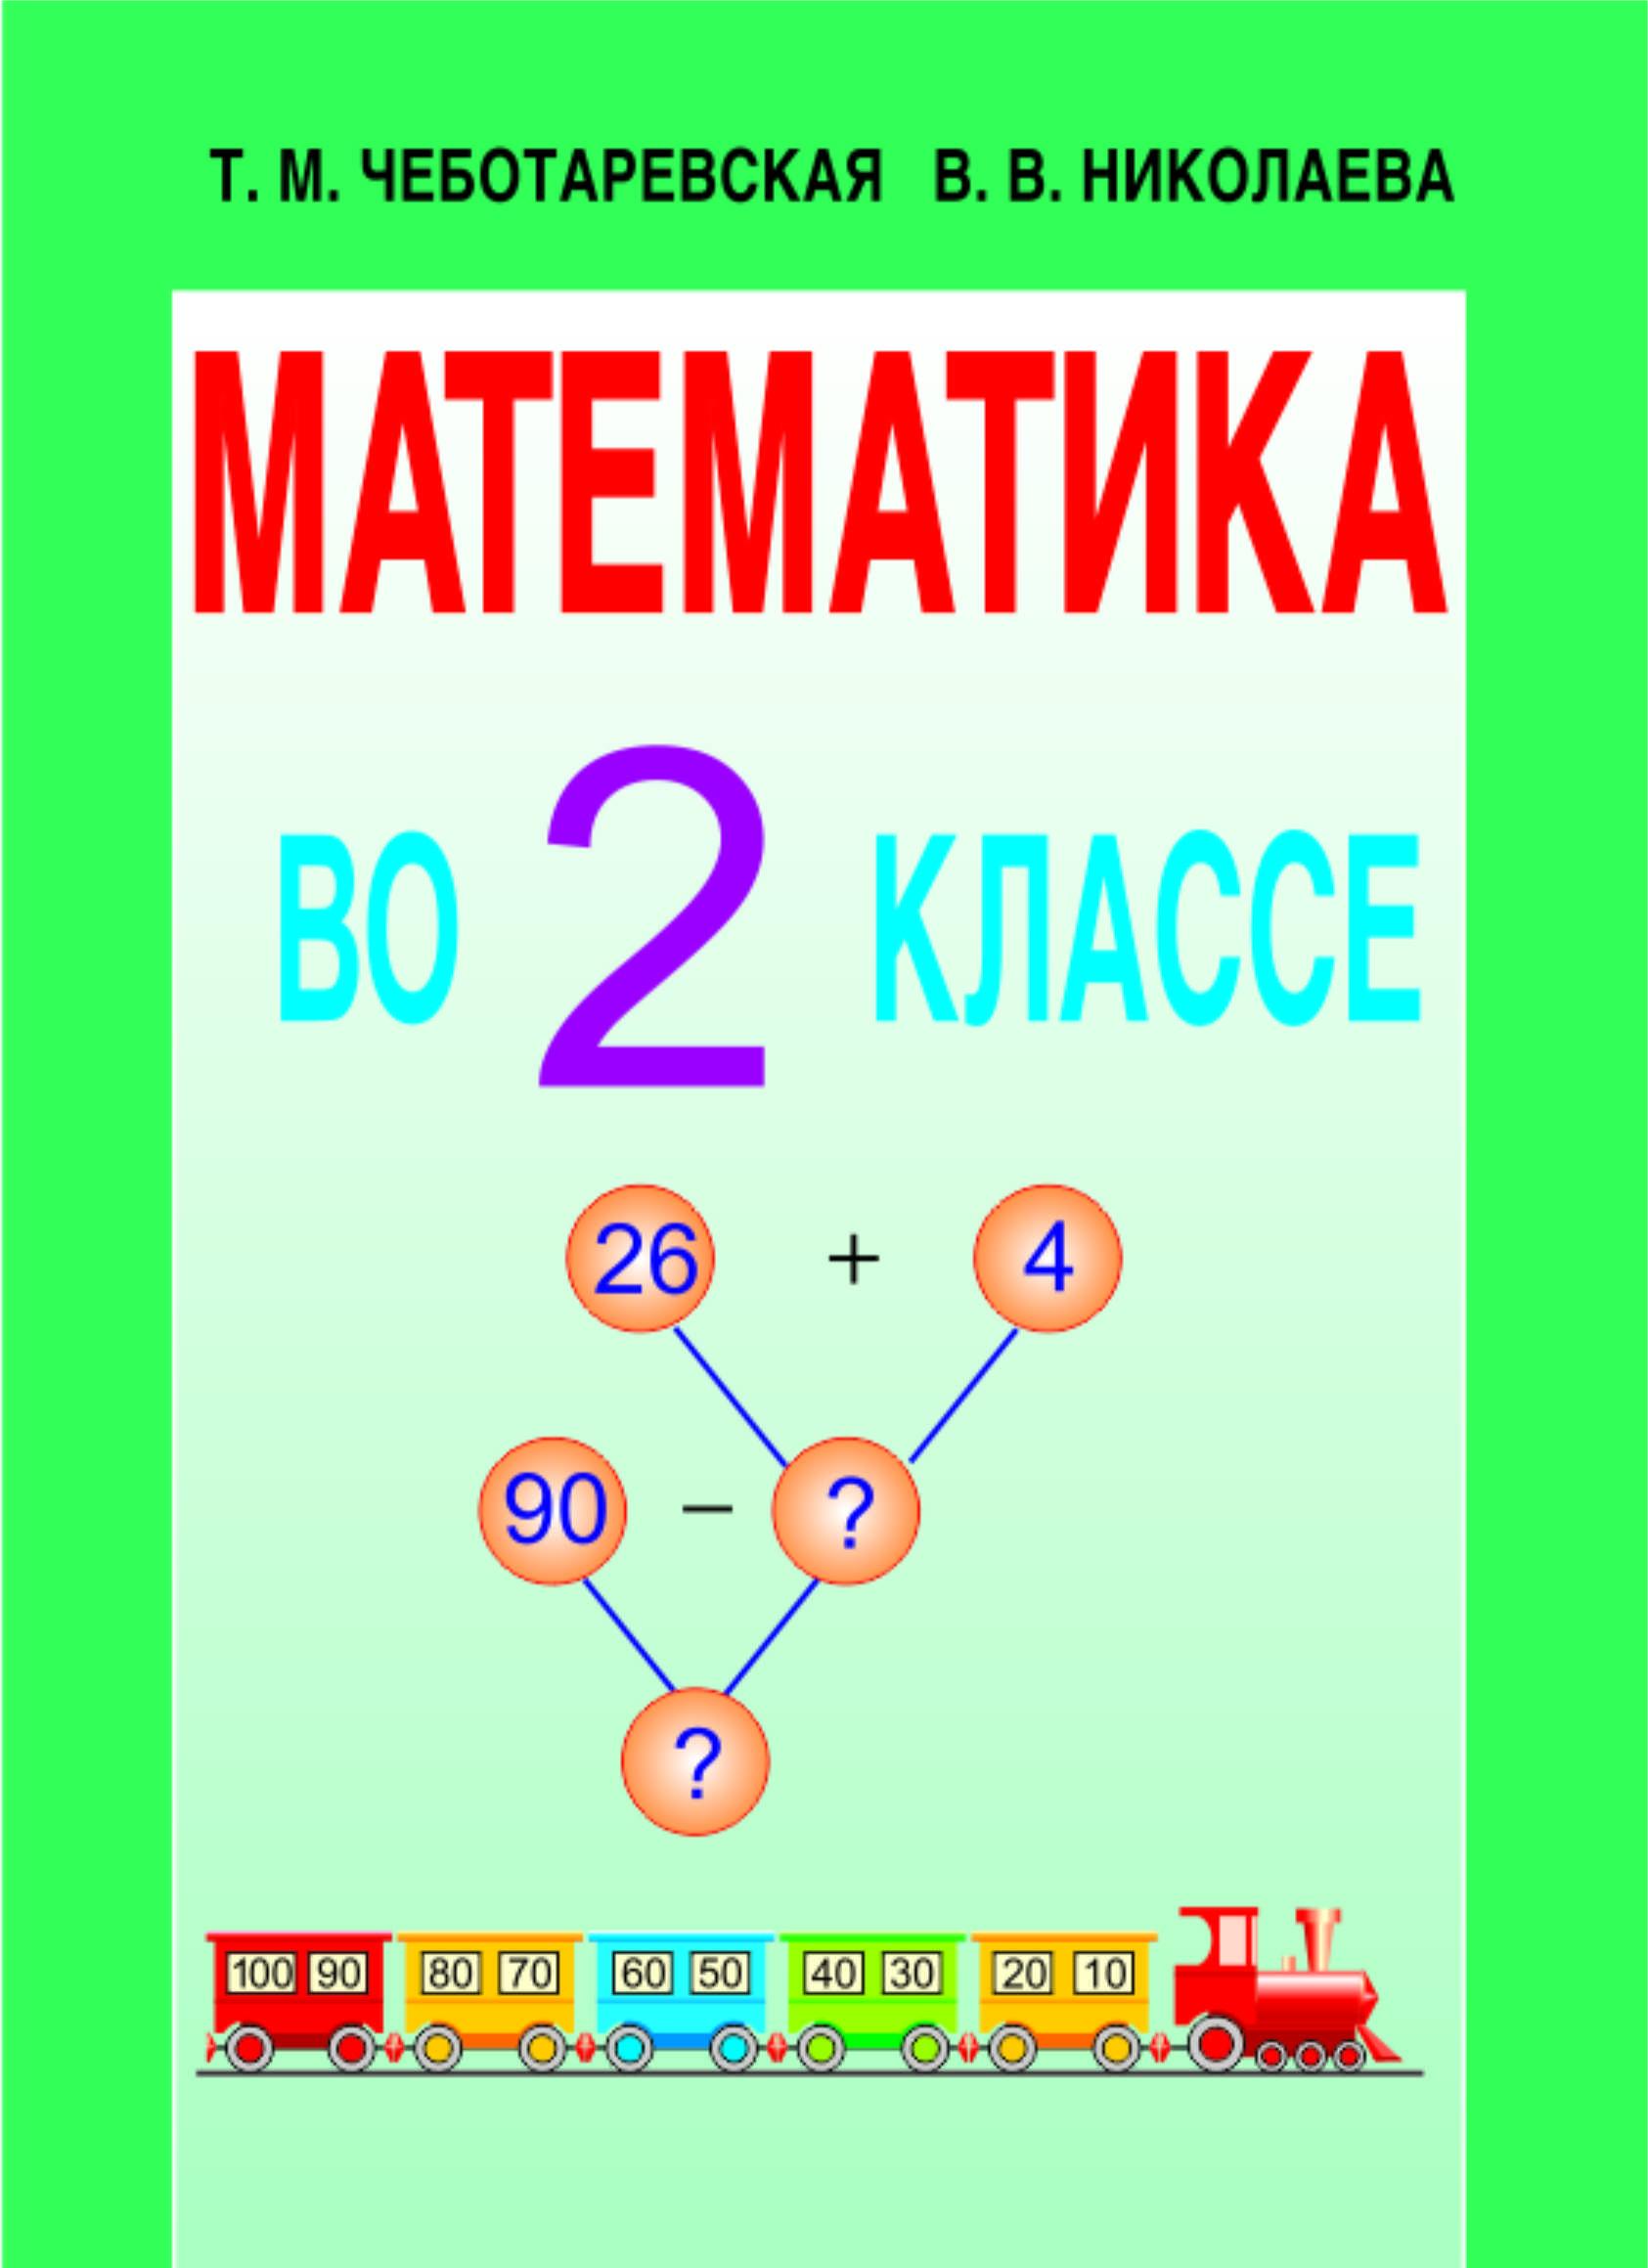 Математика во 2 классе